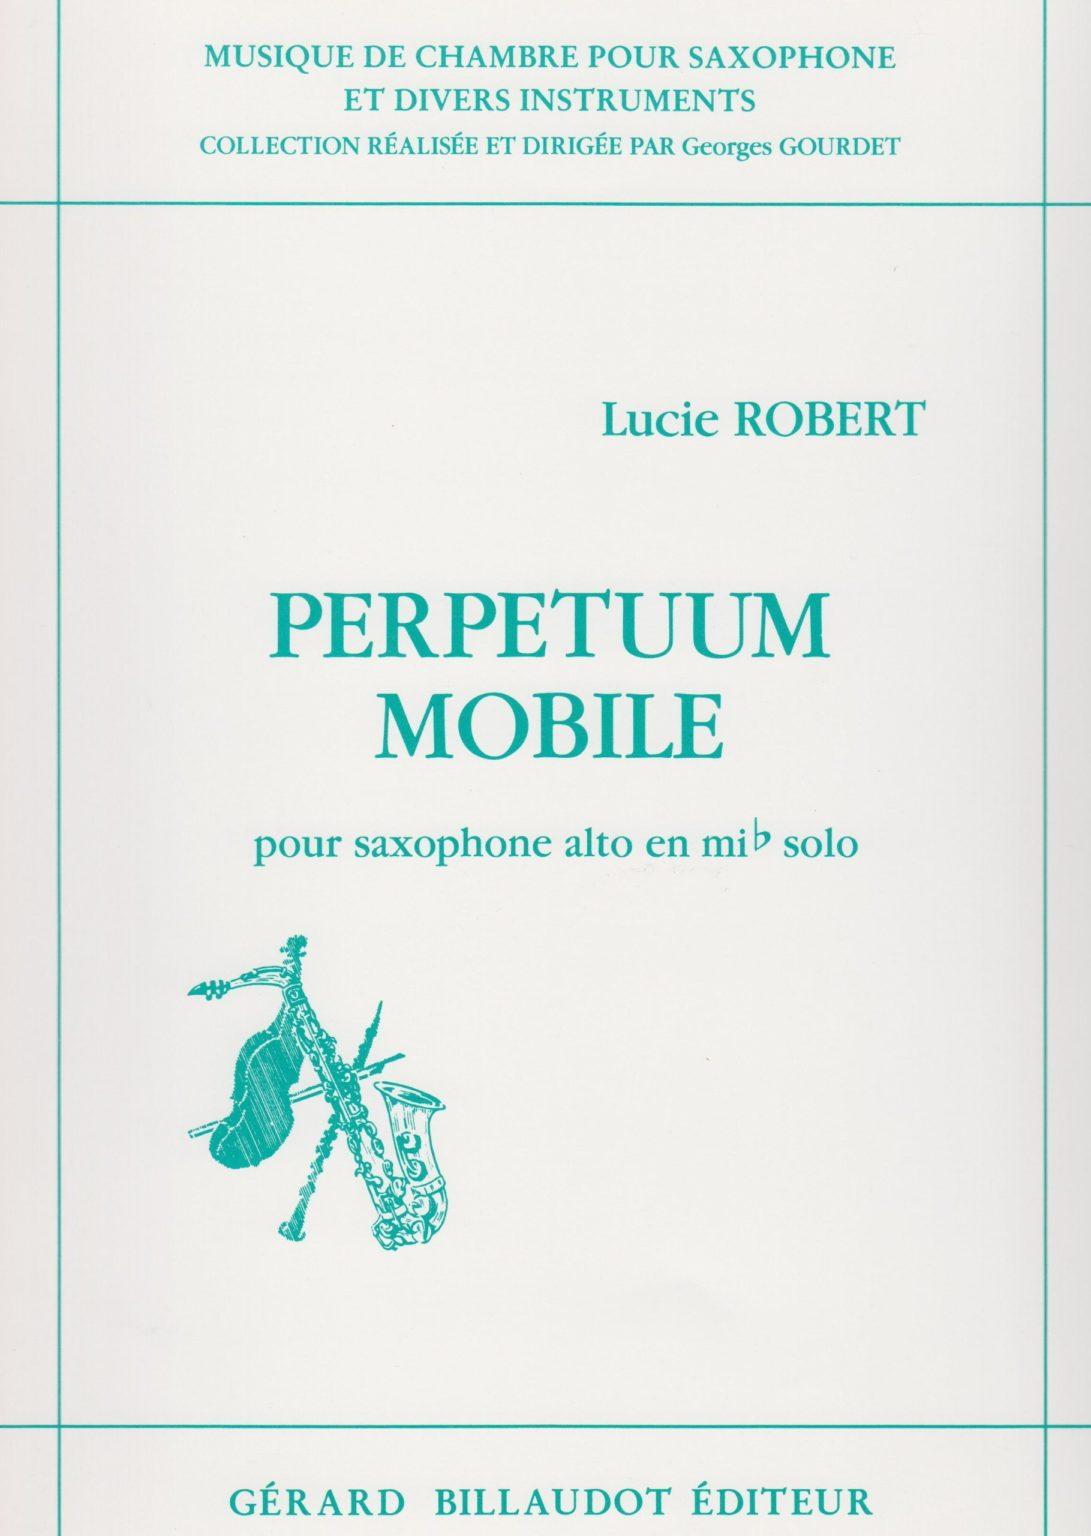 PerpetuumMobile(1985)para saxofón alto solo. Lucie Robert